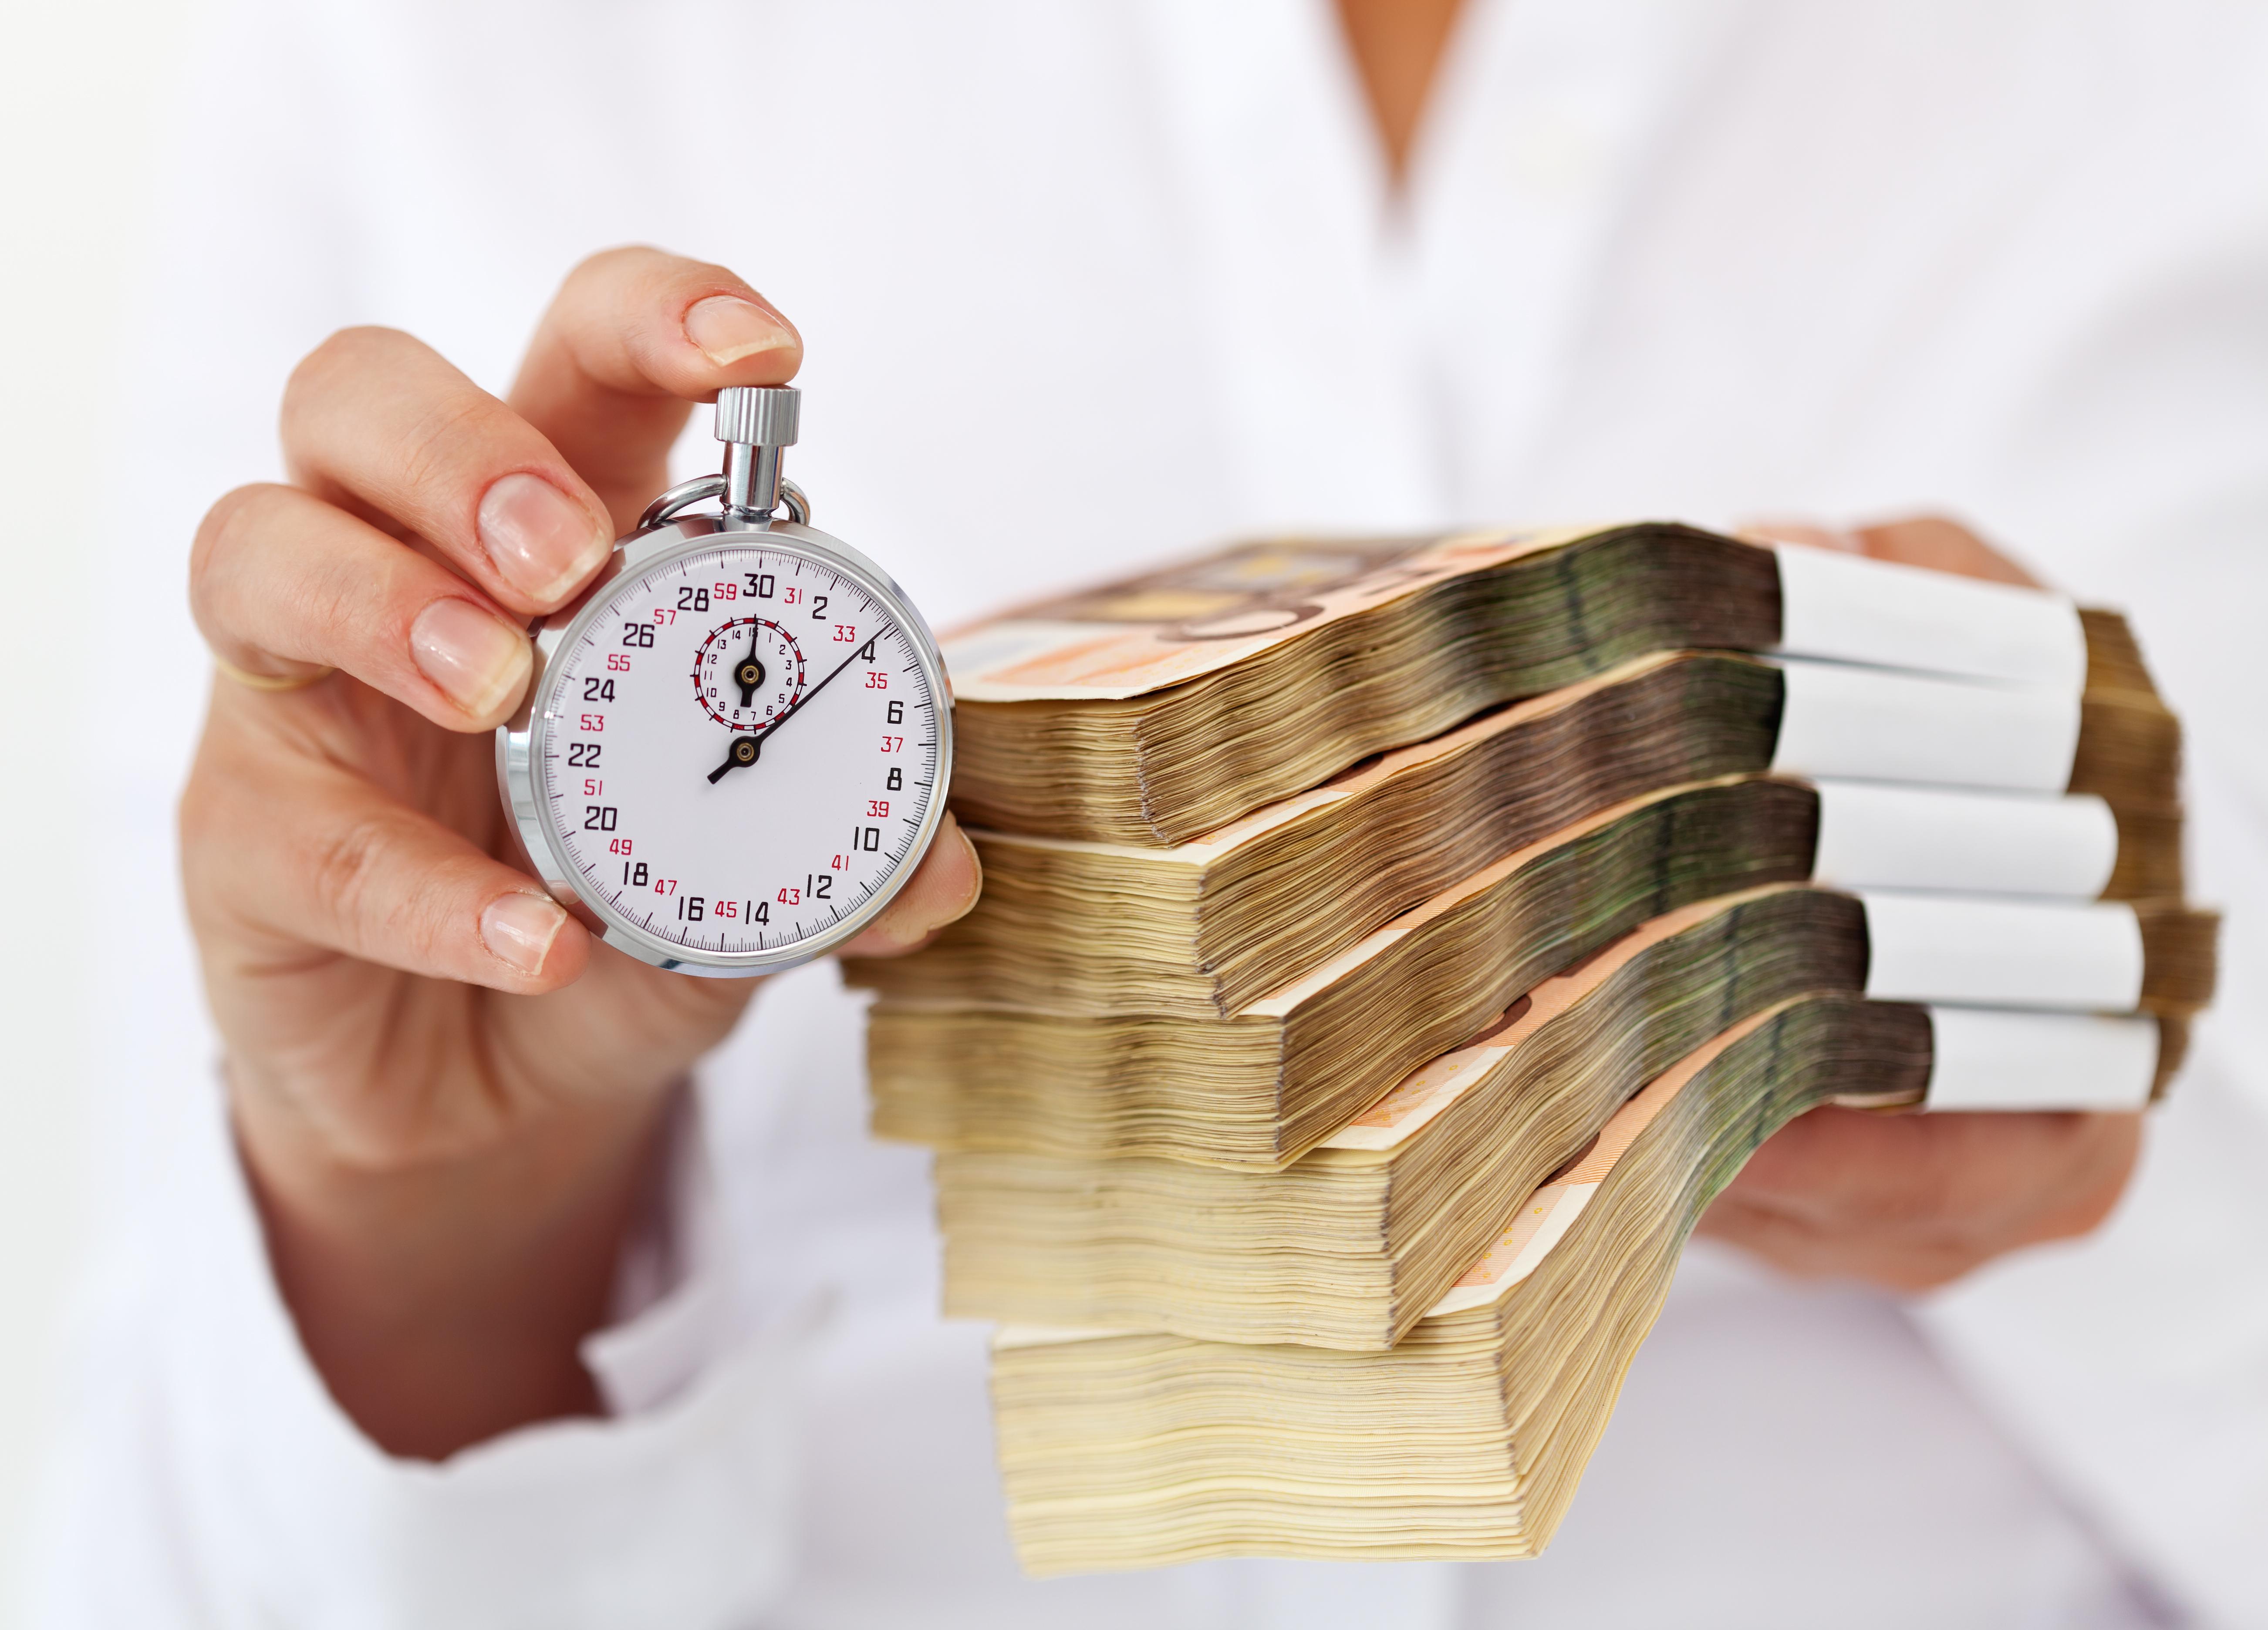 нечем платить микрозаймы что делать что будет можно ли перевести деньги с кредитной карты сбербанка на дебетовую карту втб